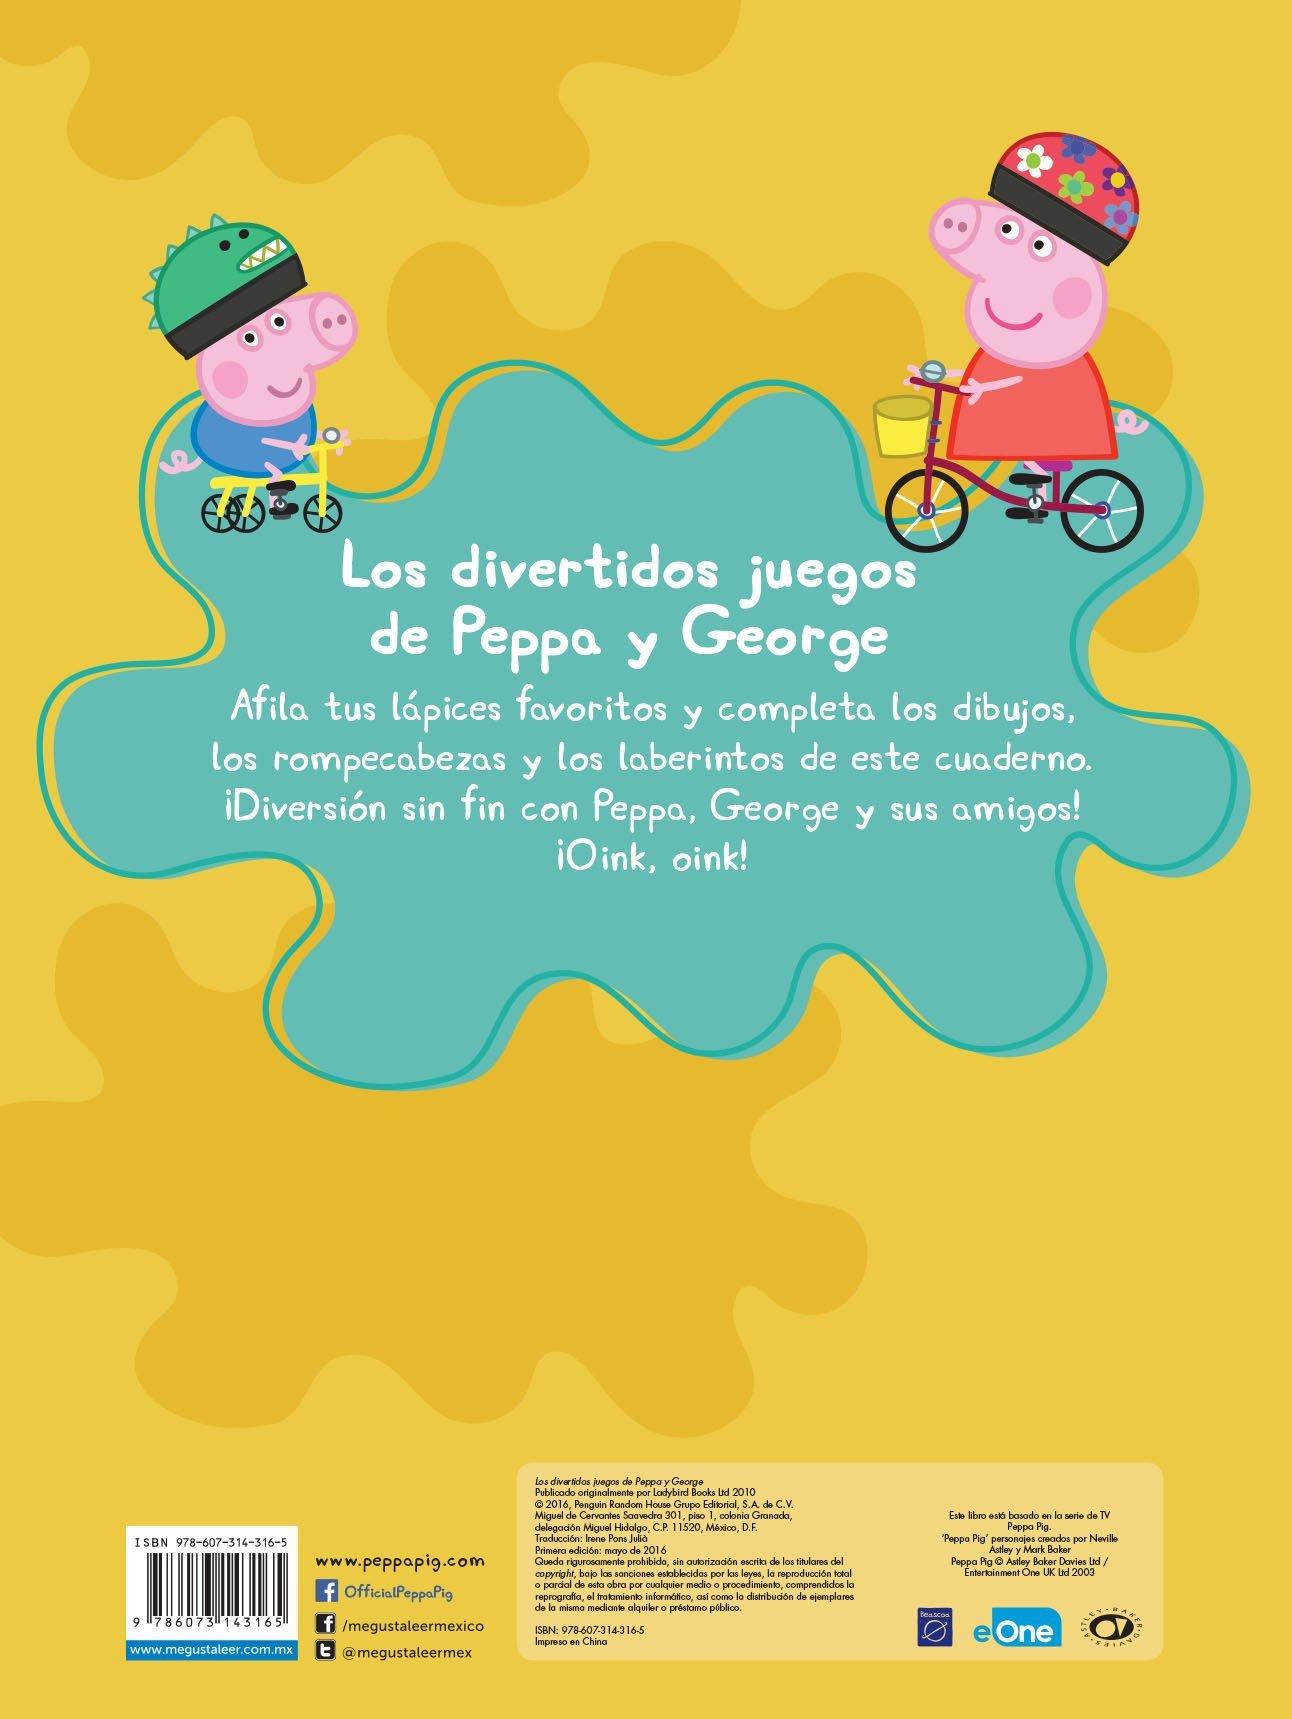 DIVERTIDOS JUEGOS DE PEPPA Y GEORGE LOS ENTERTAINMENT ONE UK